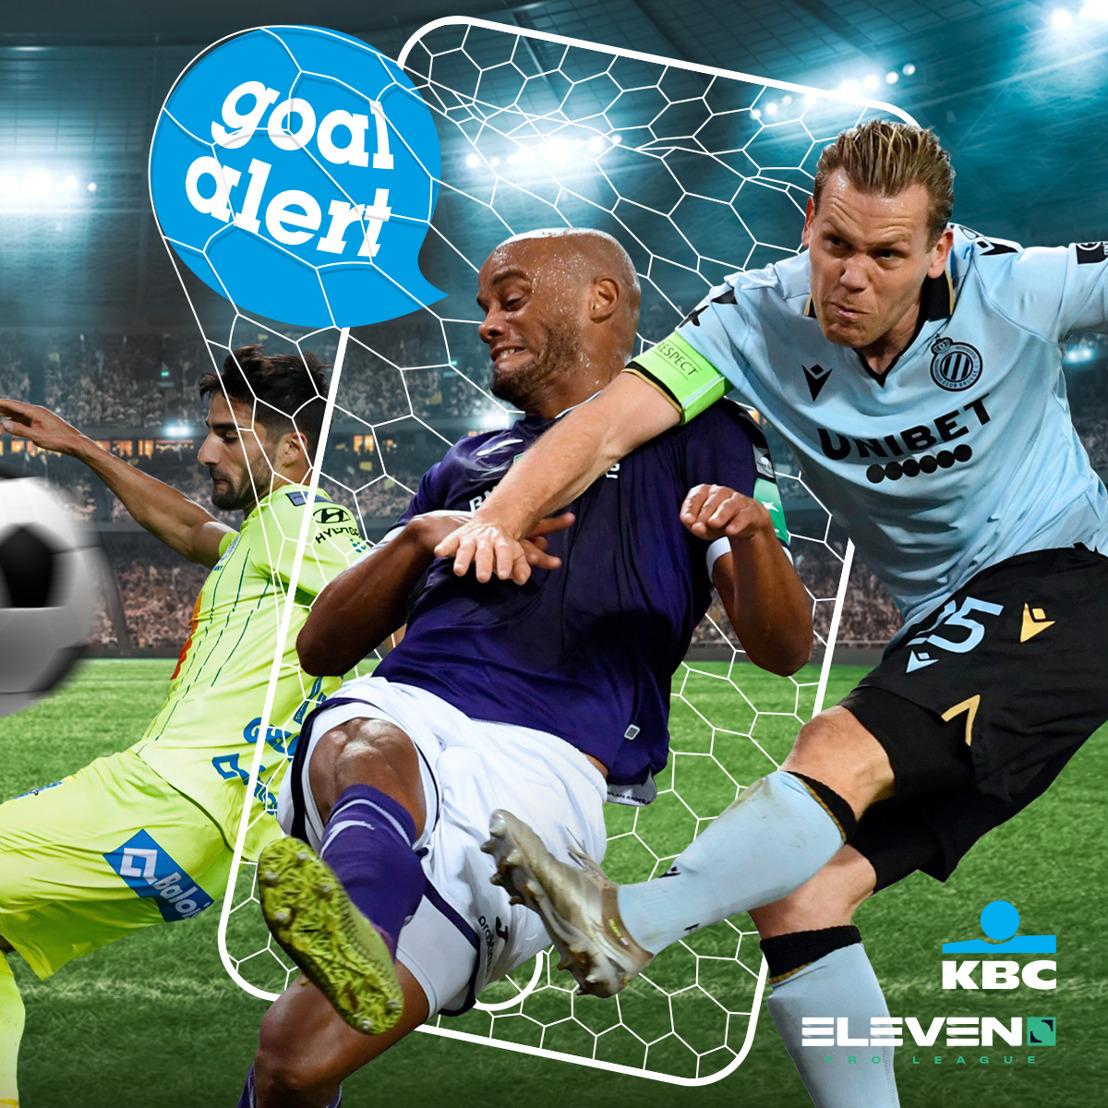 Vanaf vandaag bekijk je met Goal Alert in KBC Mobile meteen alle hoogtepunten uit de Jupiler Pro League